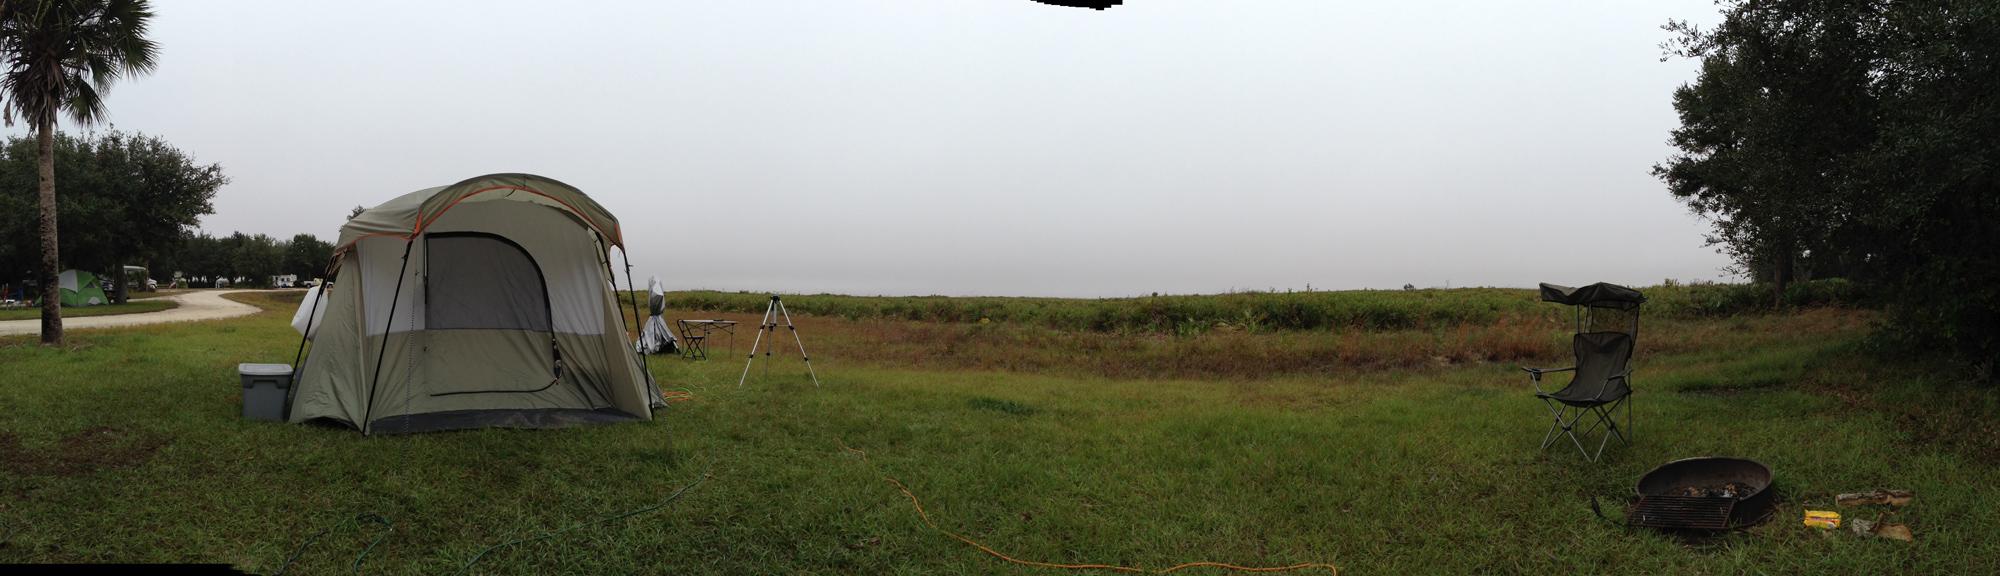 Camp site #20   Kissimmee Prairie